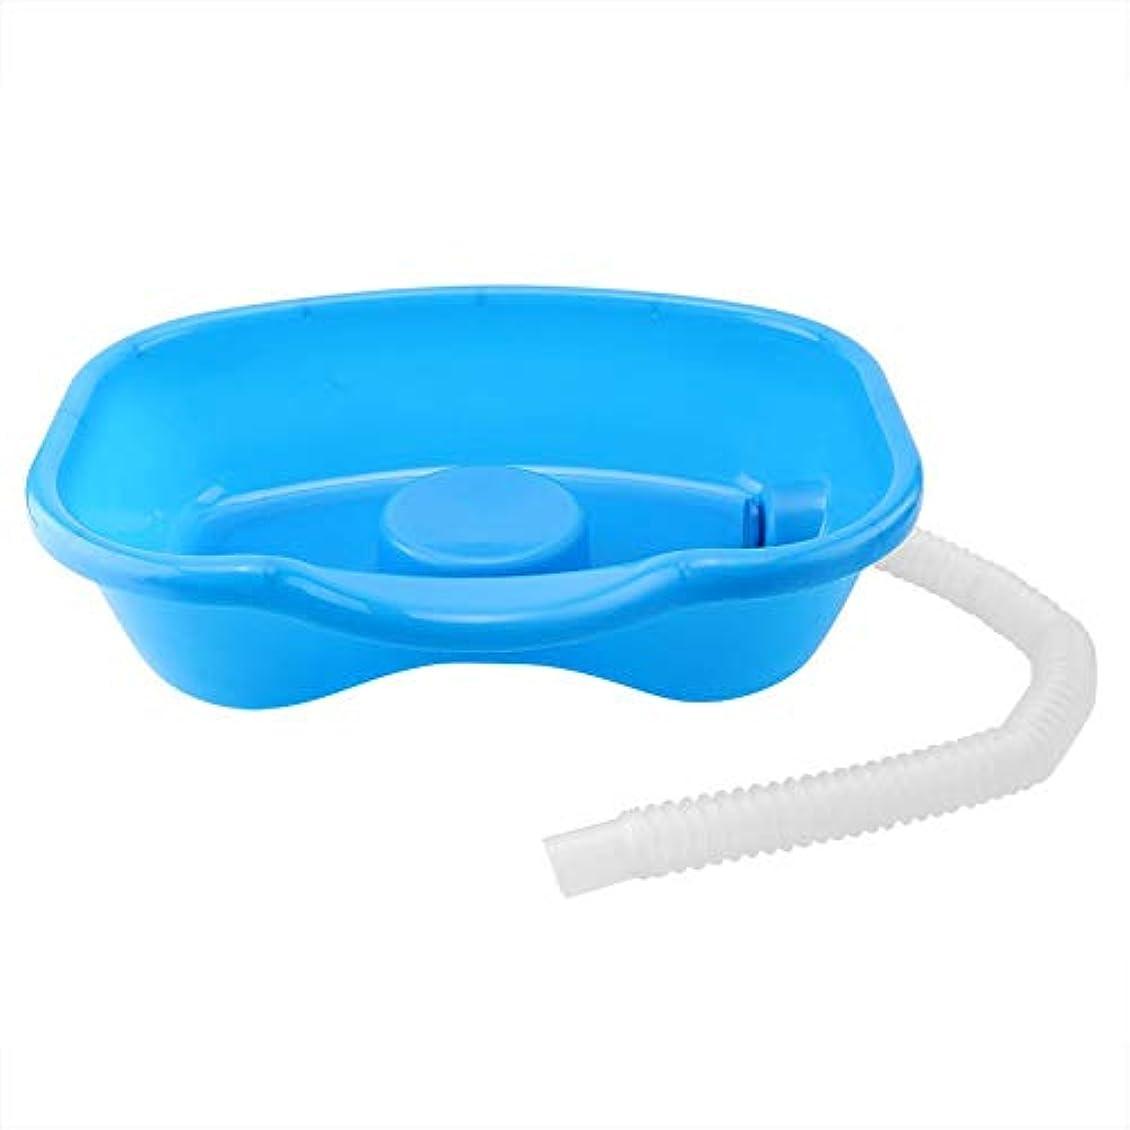 一生謝るローンシャンプー洗面器、医療障害者用シャンプー洗面器厚いベッド洗髪皿プラスチックシャンプー洗面器